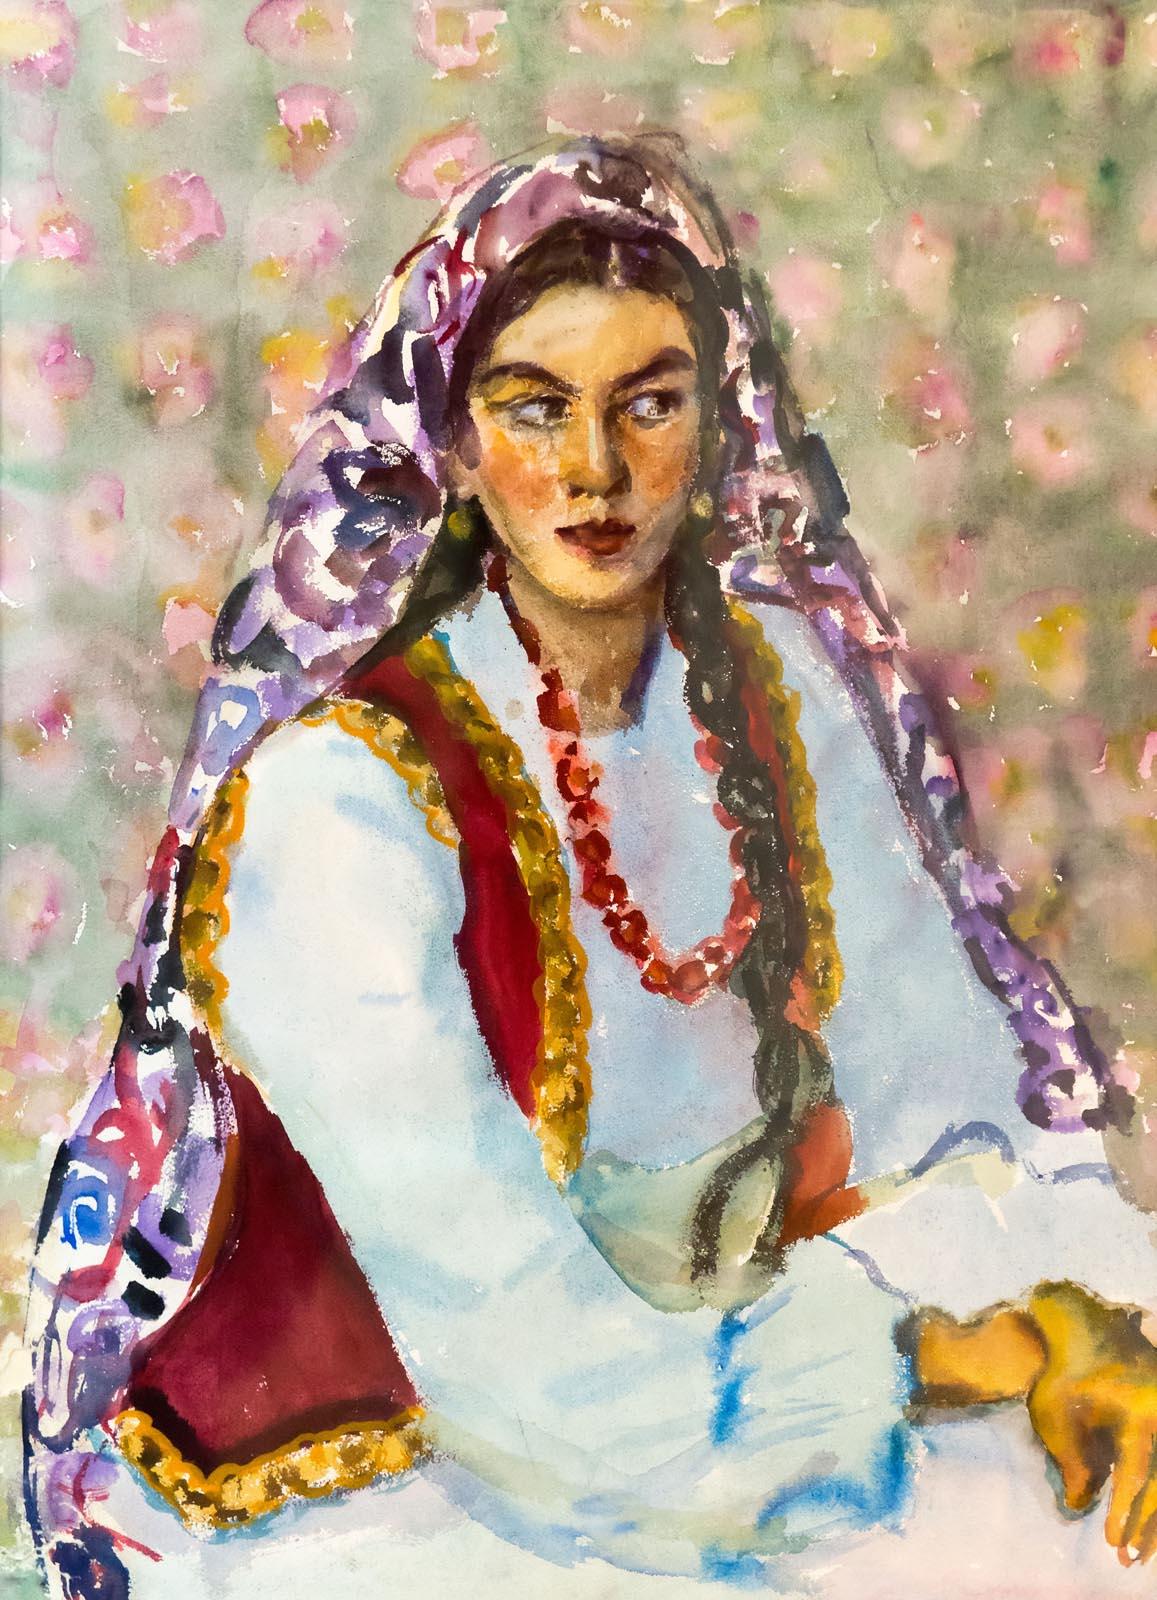 Фото №301734. Art16.ru Photo archive